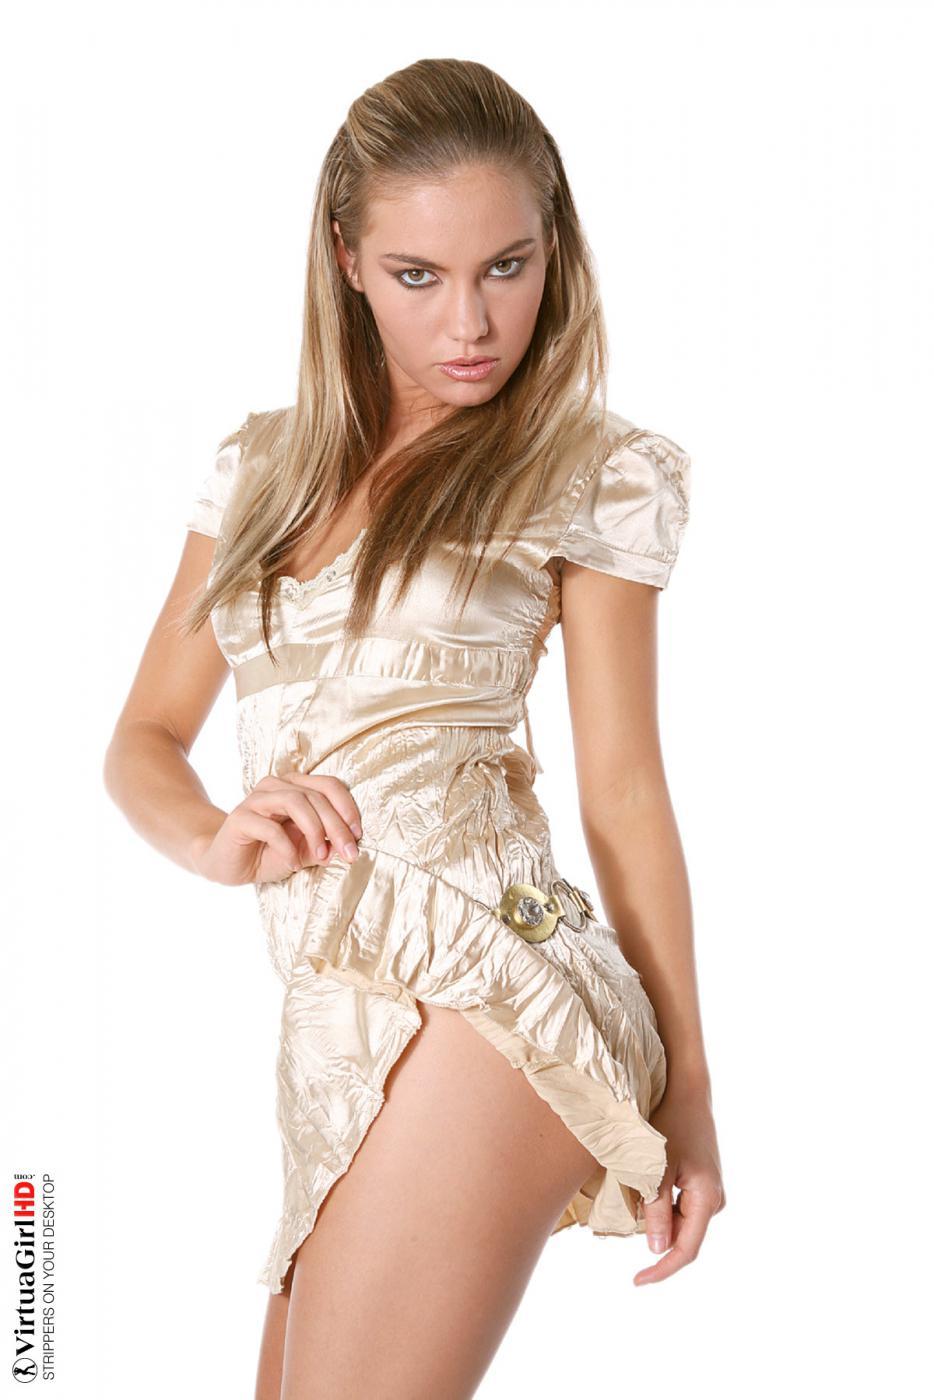 Негодная блондинка Veronika Fasterova раздевается, позволяя тебе насладиться каждым сантиметром обнаженного тела